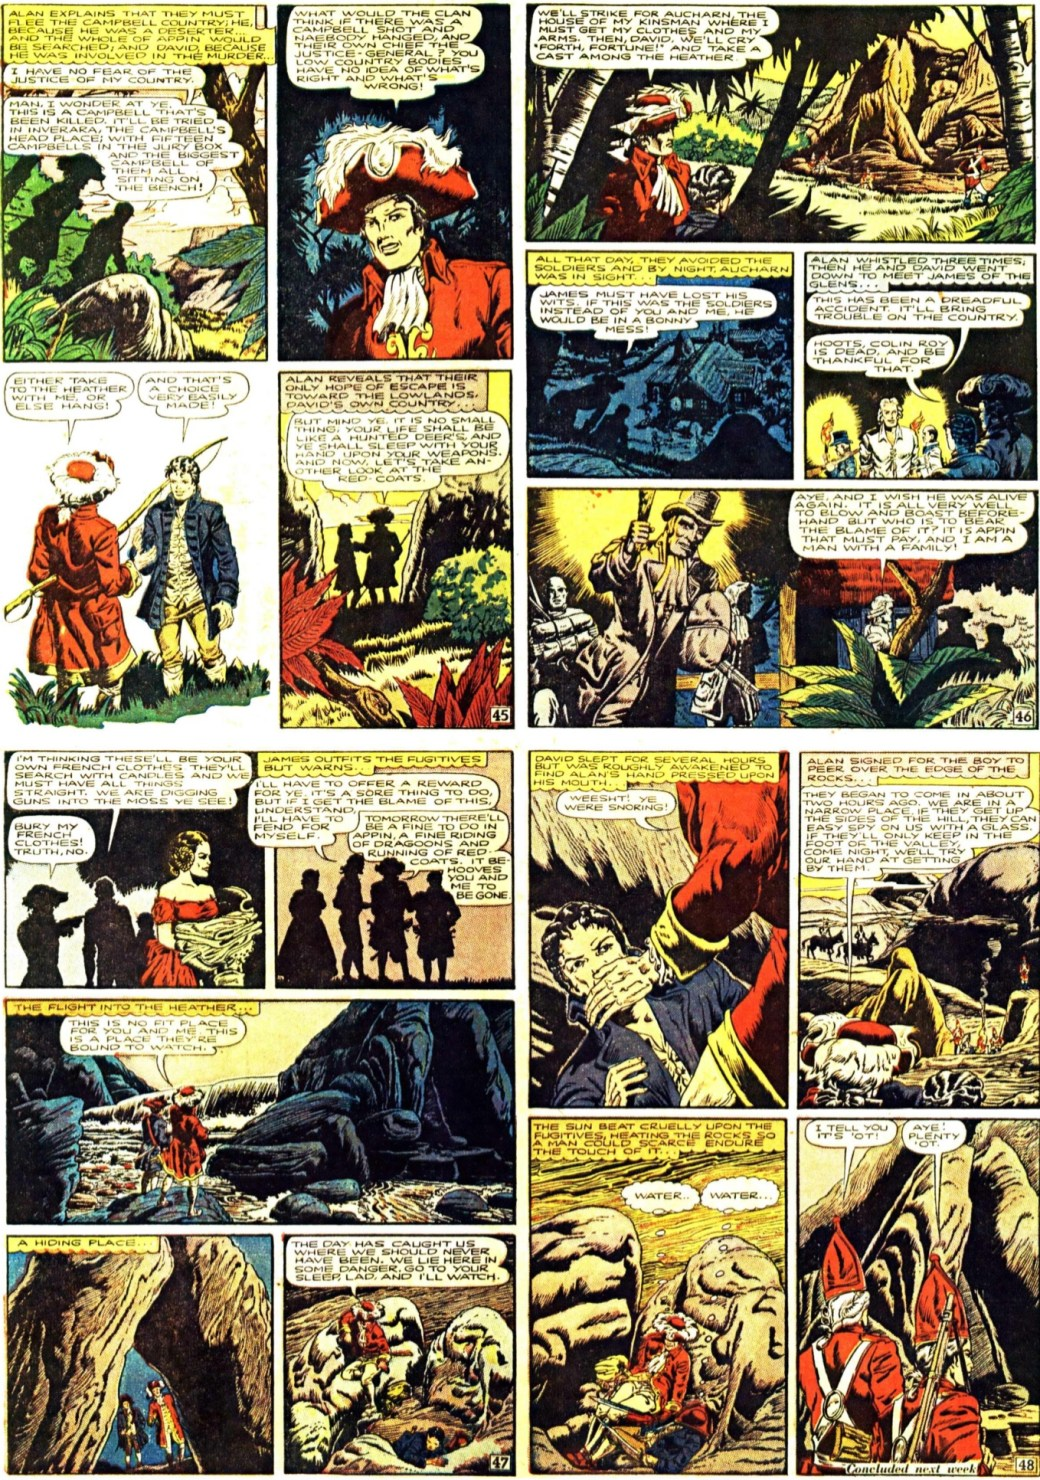 Fjärde sidan ur den tredje bilagan (seriesida 45-48) med Kidnapped, från 13 april 1947. En slags Illustrerade klassiker som söndagsbilaga. ©Gilberton